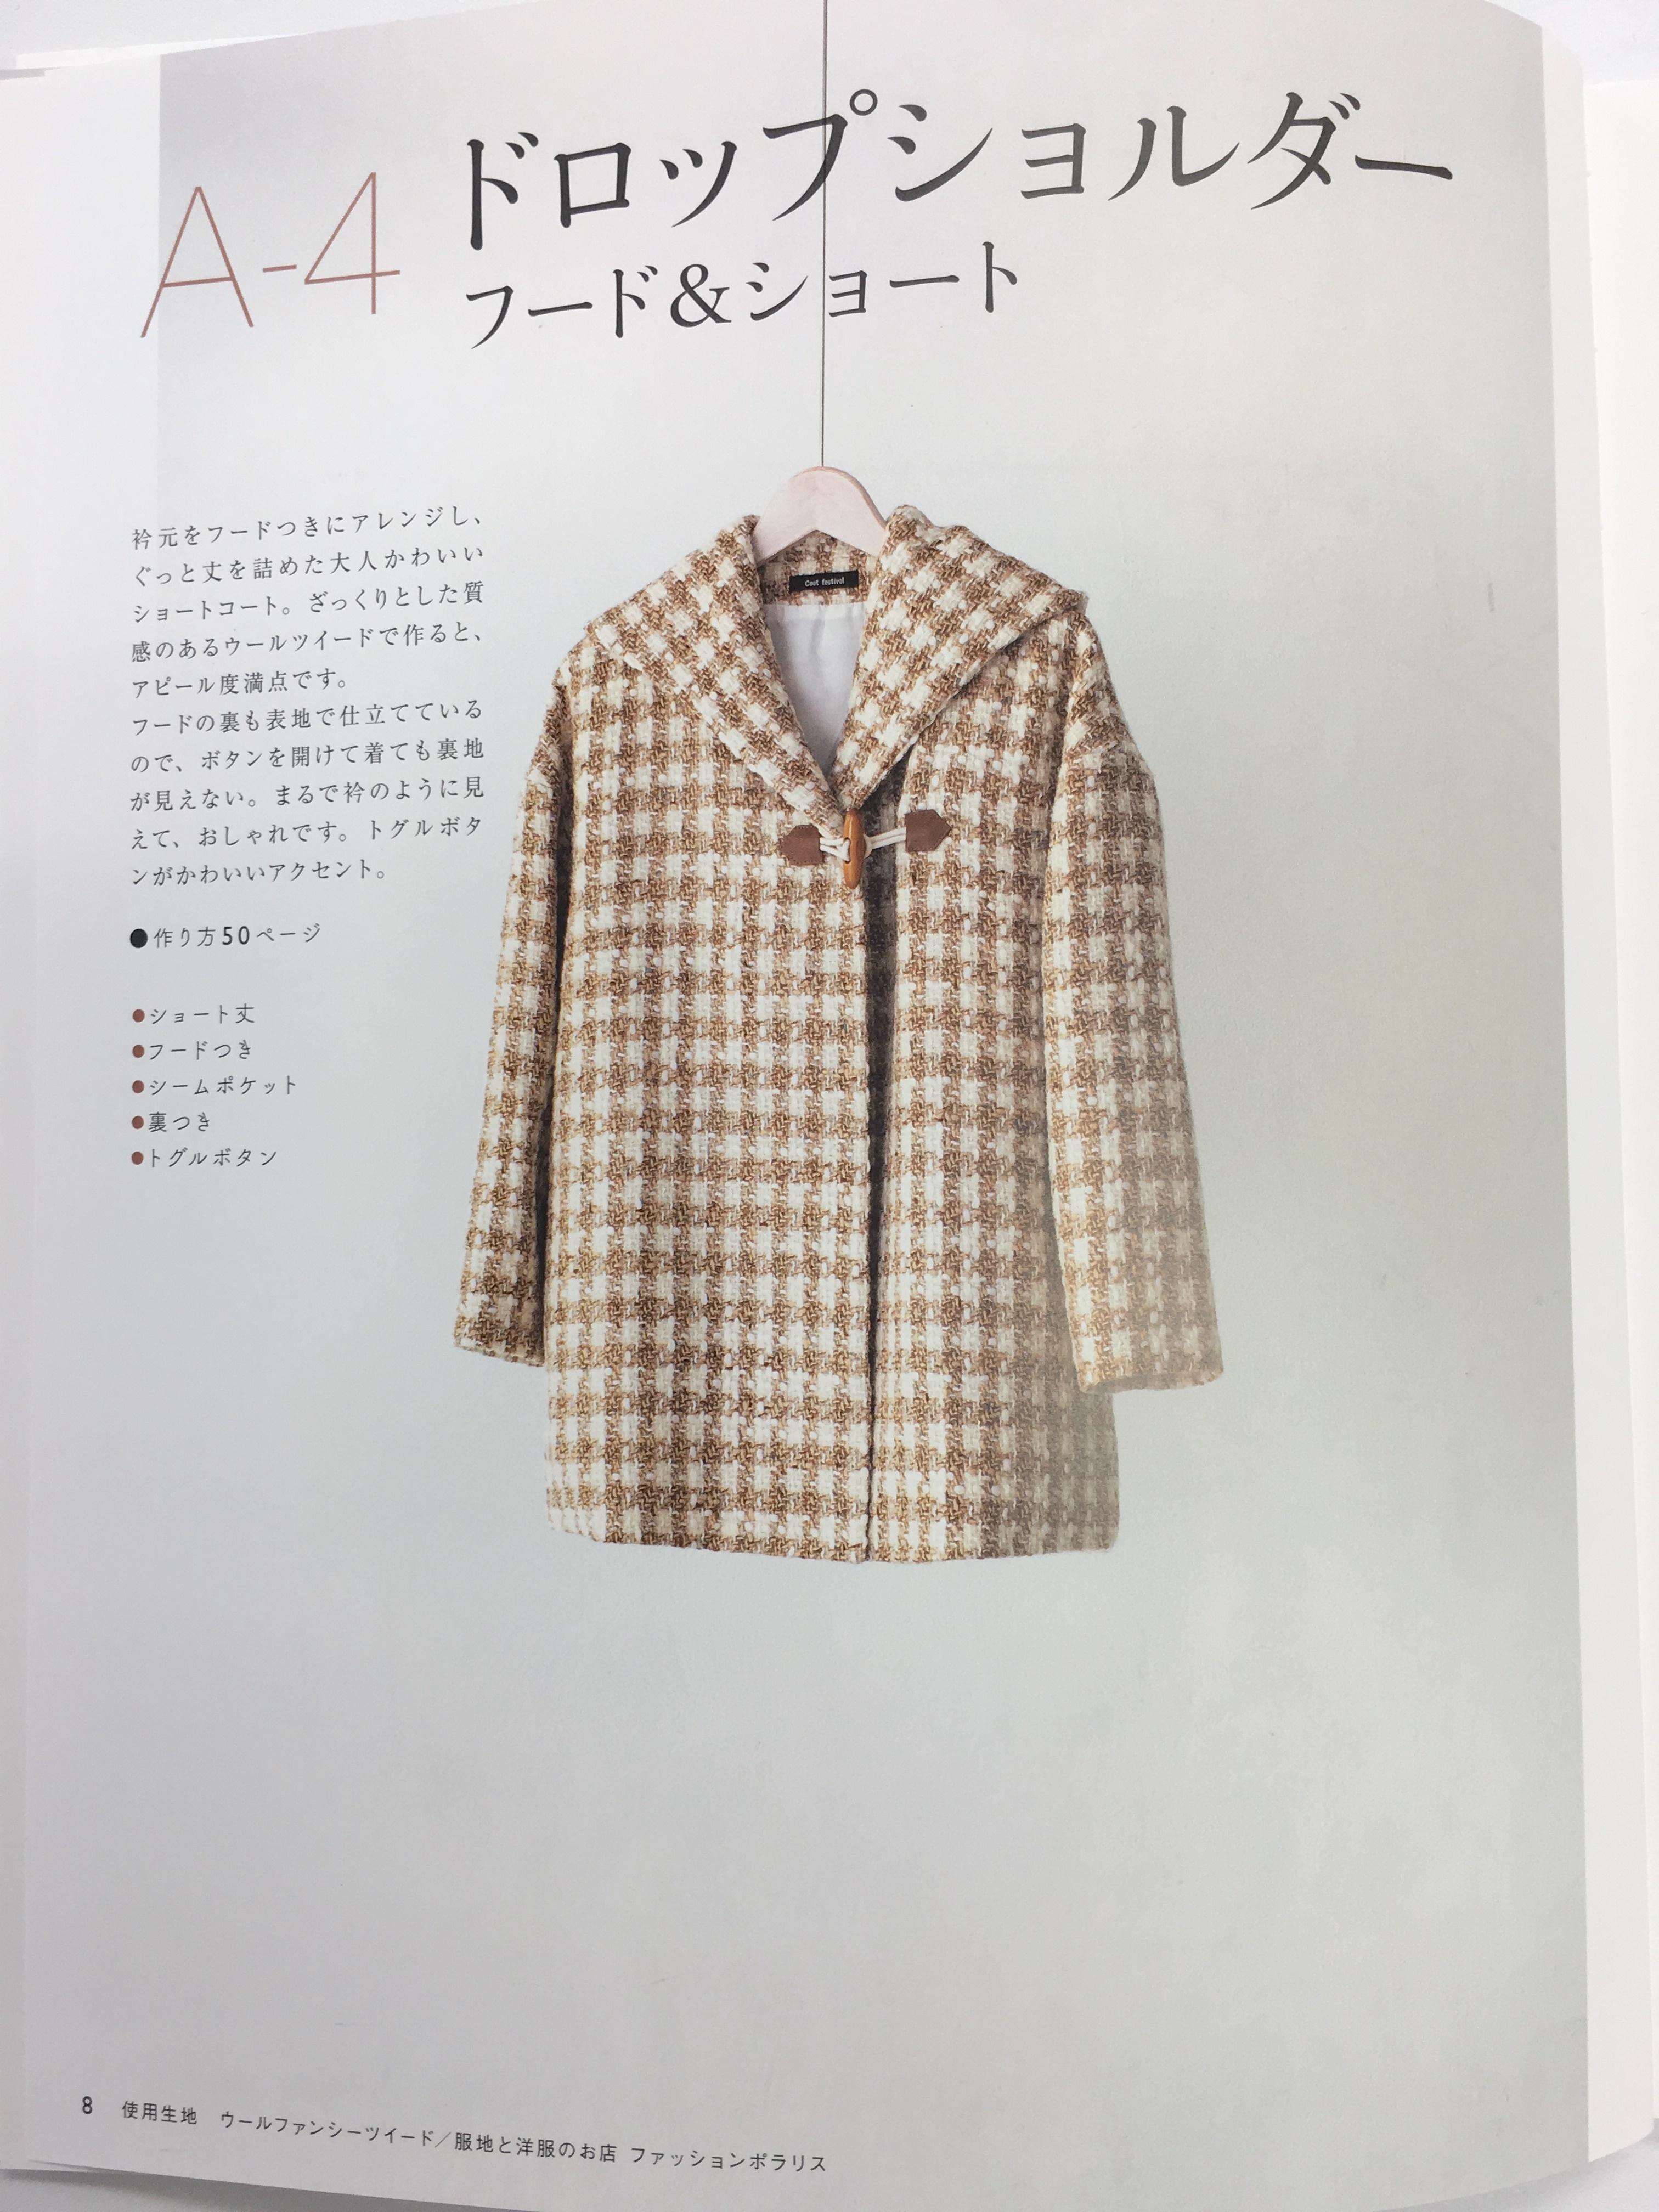 コートを縫おう。 A-4の型紙